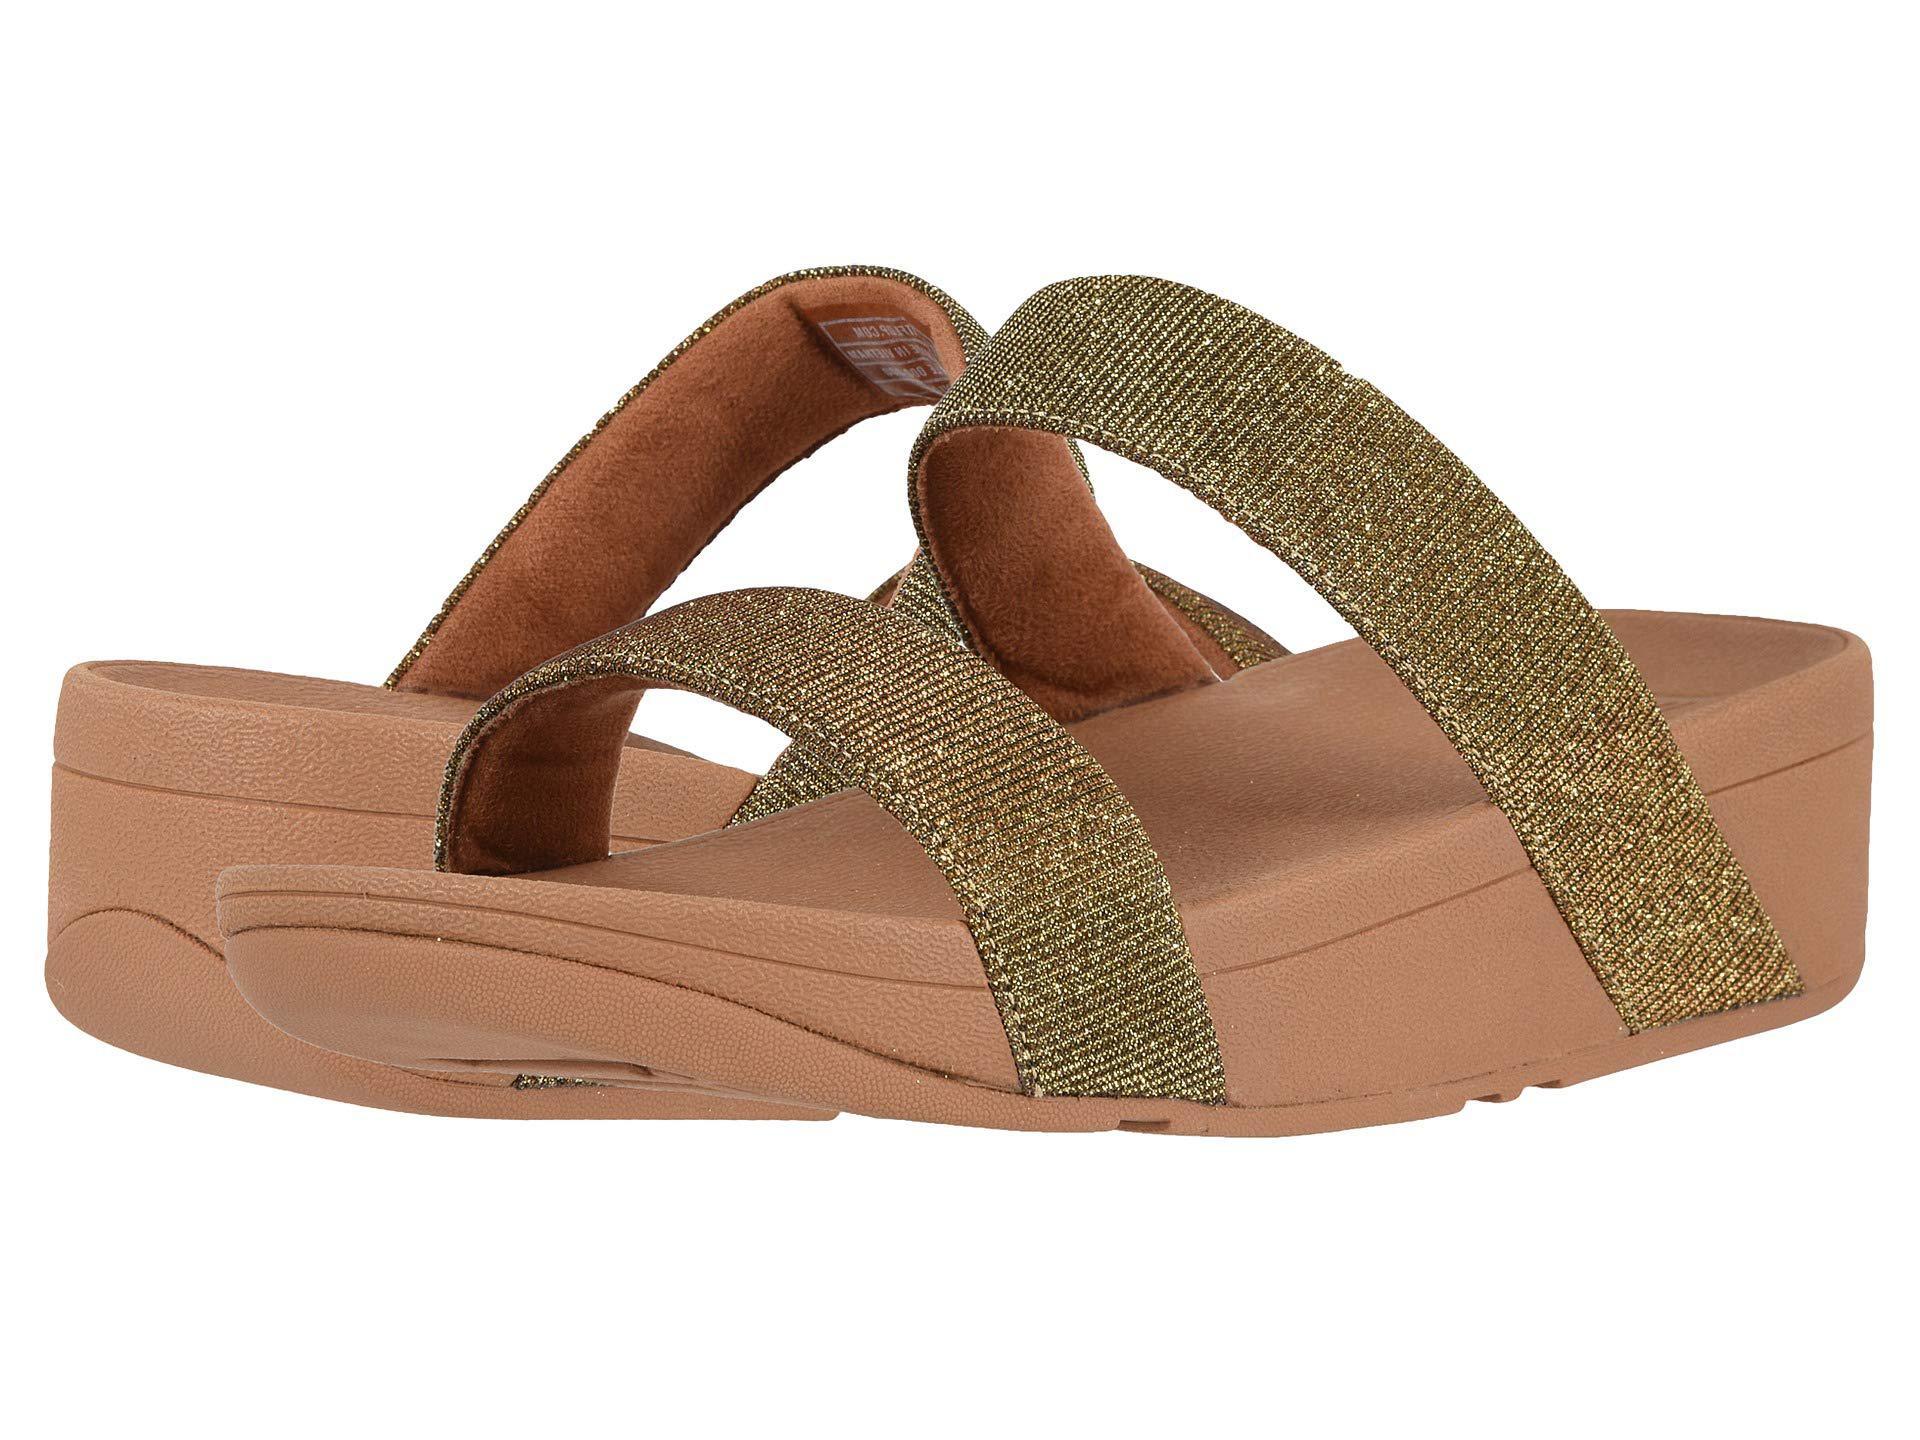 ba50f3aea011 Fitflop - Metallic Lottie Glitzy Slide (silver) Women s Shoes - Lyst. View  fullscreen